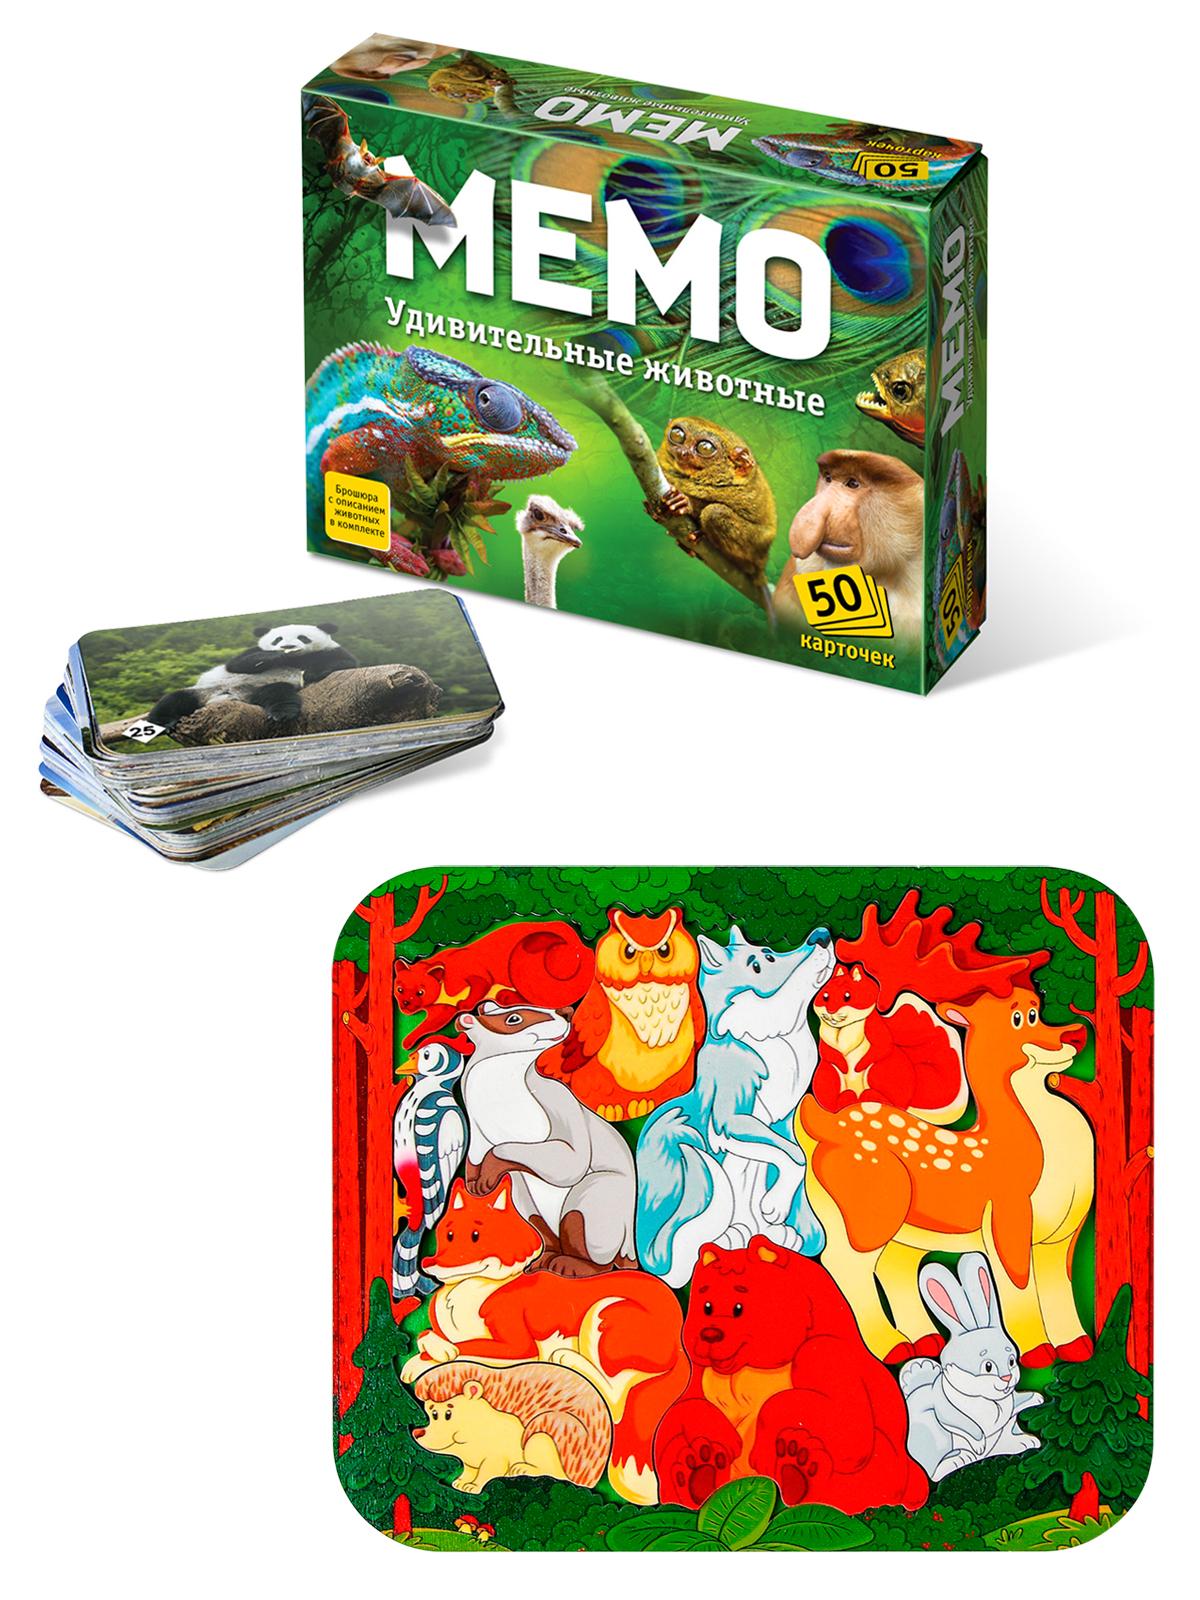 Настольная игра Нескучные Игры 2в1 Мемо Удивительные животные Зоопазл Лесные жители,  - купить со скидкой